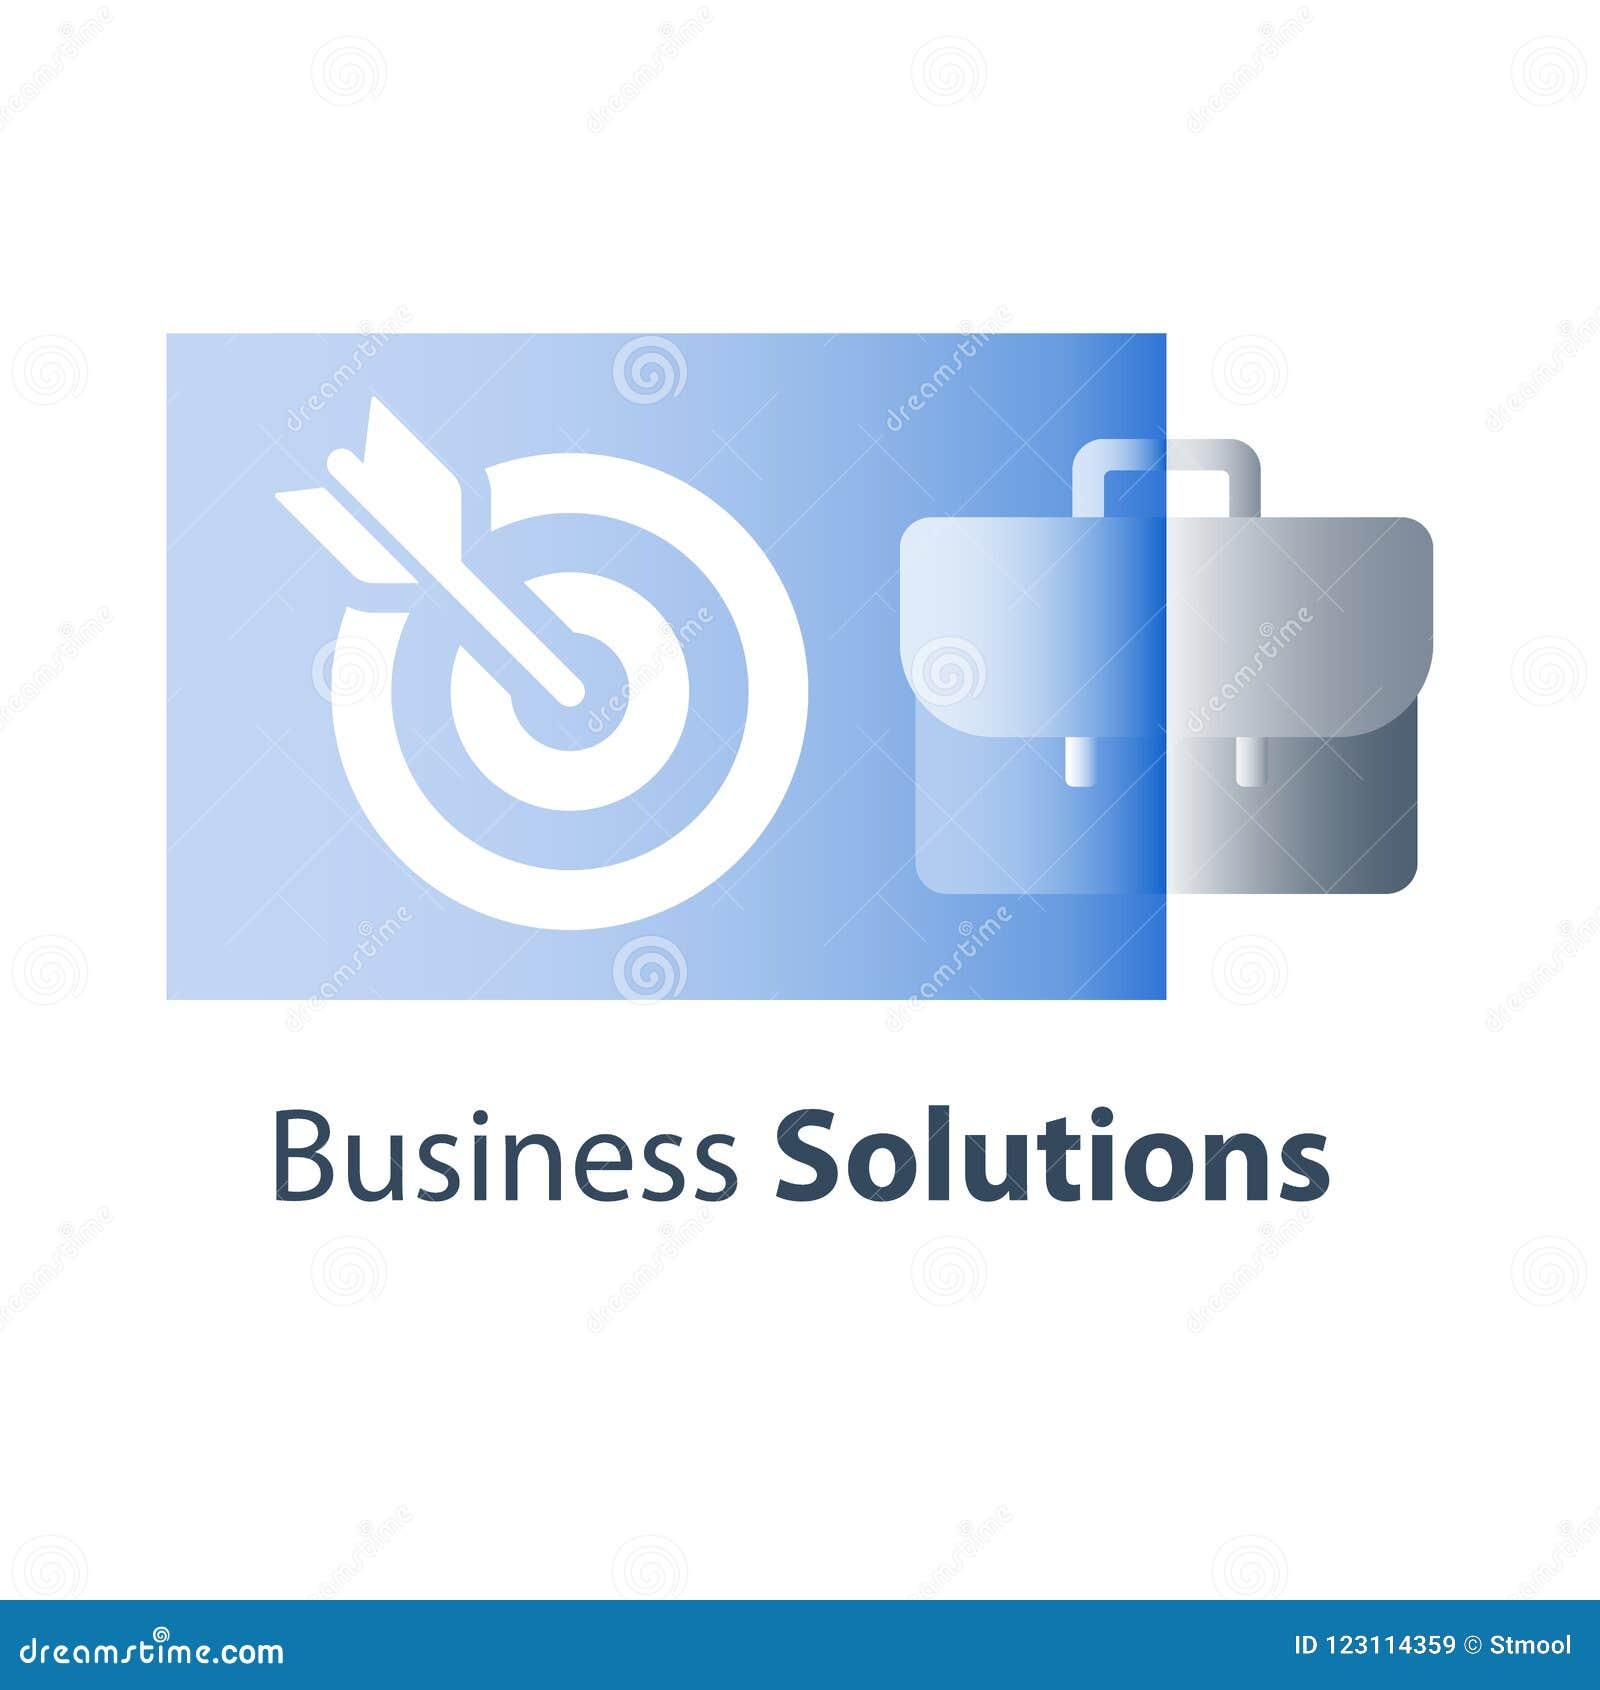 Långsiktigt mål för företag, affärsstrategi, administration och ledning, företags lösning